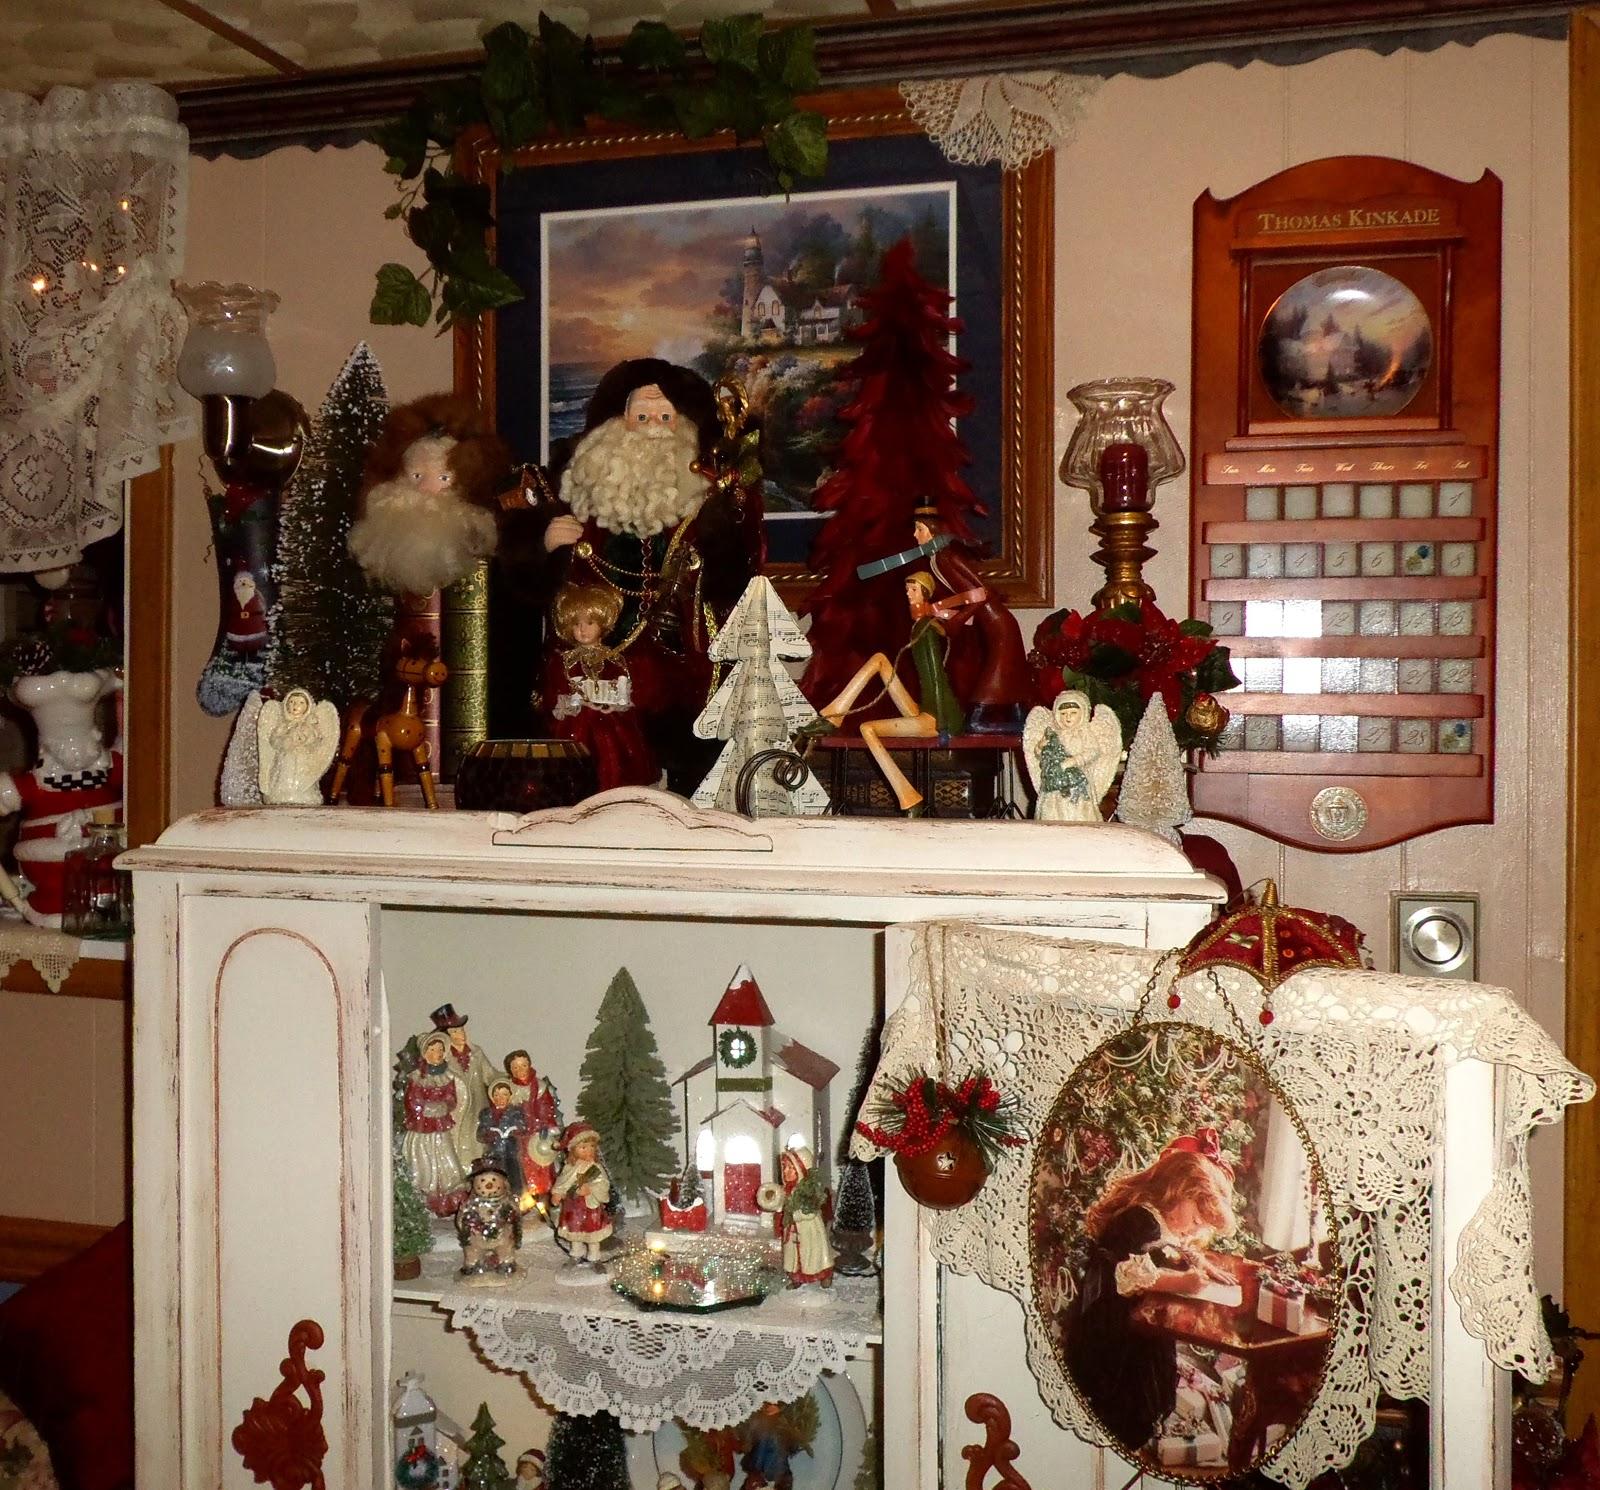 Sams Christmas Trees: A DEBBIE-DABBLE CHRISTMAS: Christmas Home Tour 2012, Part